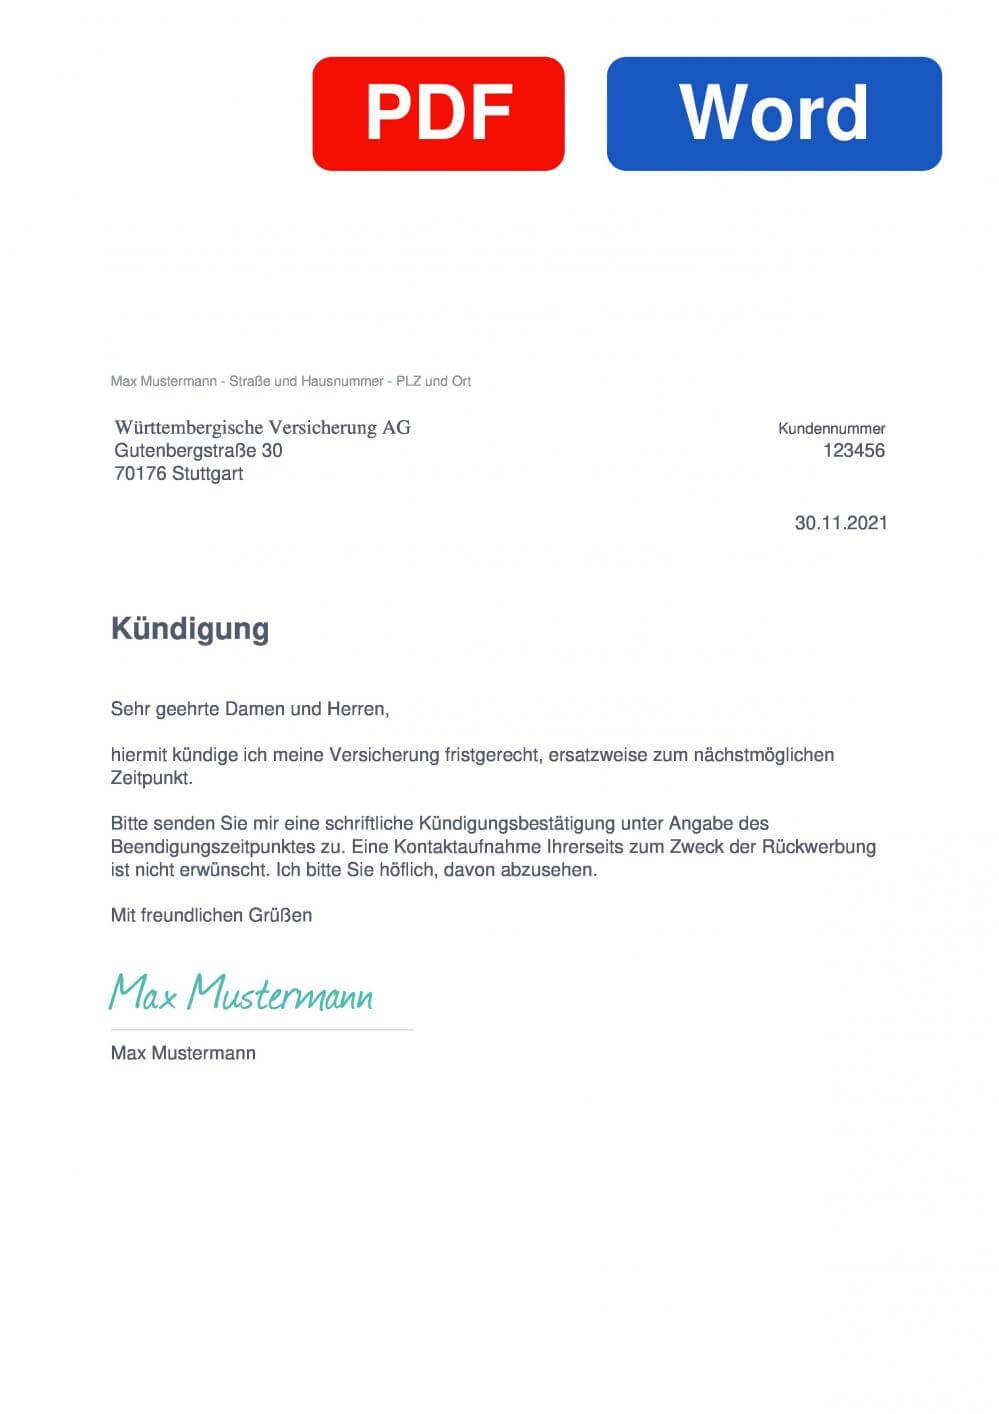 Württembergische Haftpflichtversicherung Muster Vorlage für Kündigungsschreiben